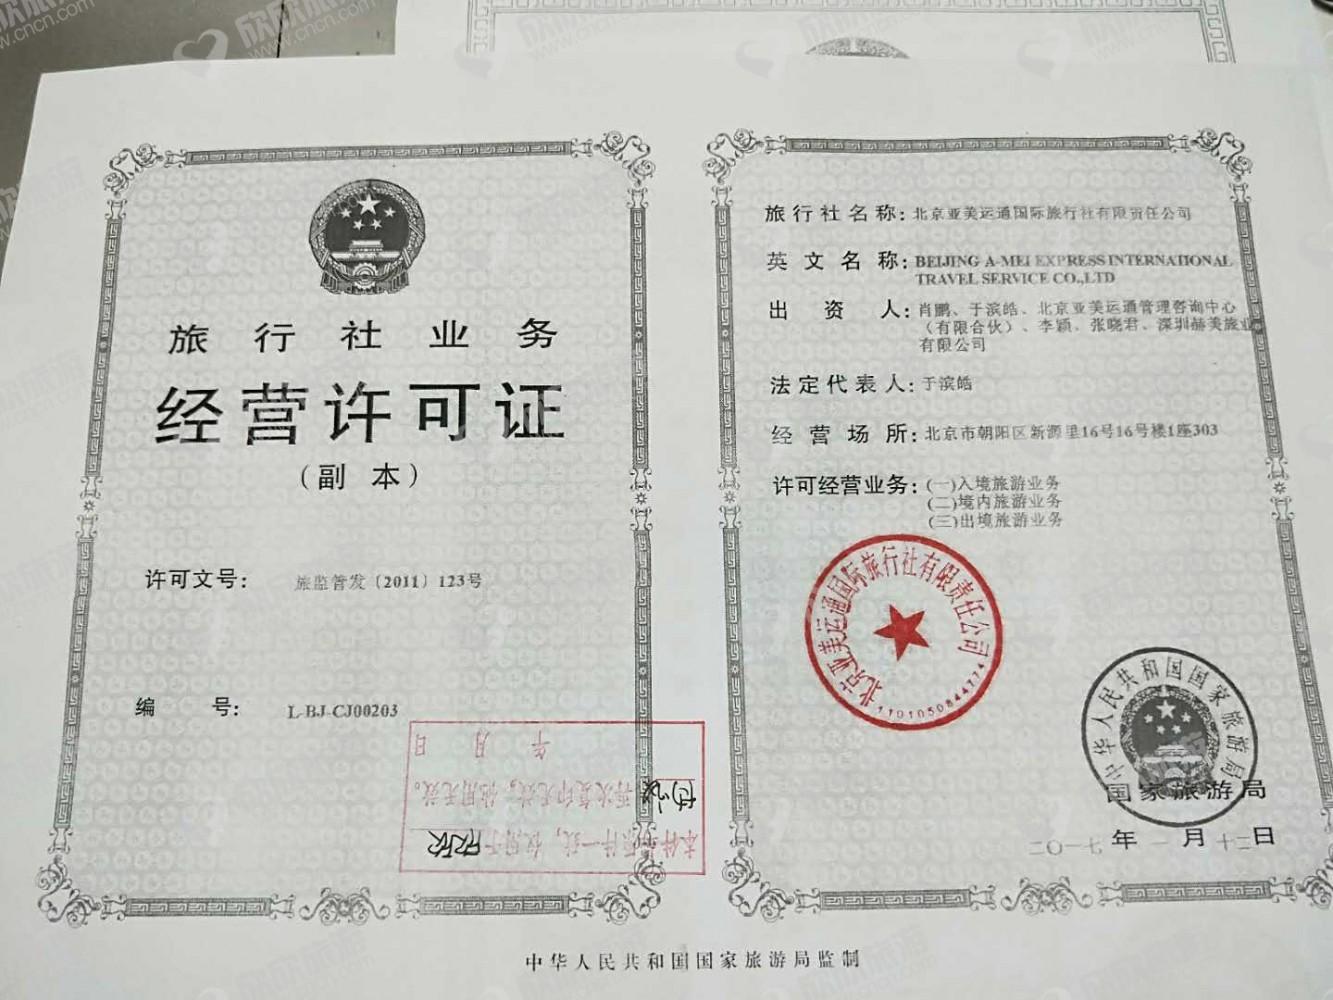 北京亚美运通国际旅行社有限责任公司经营许可证